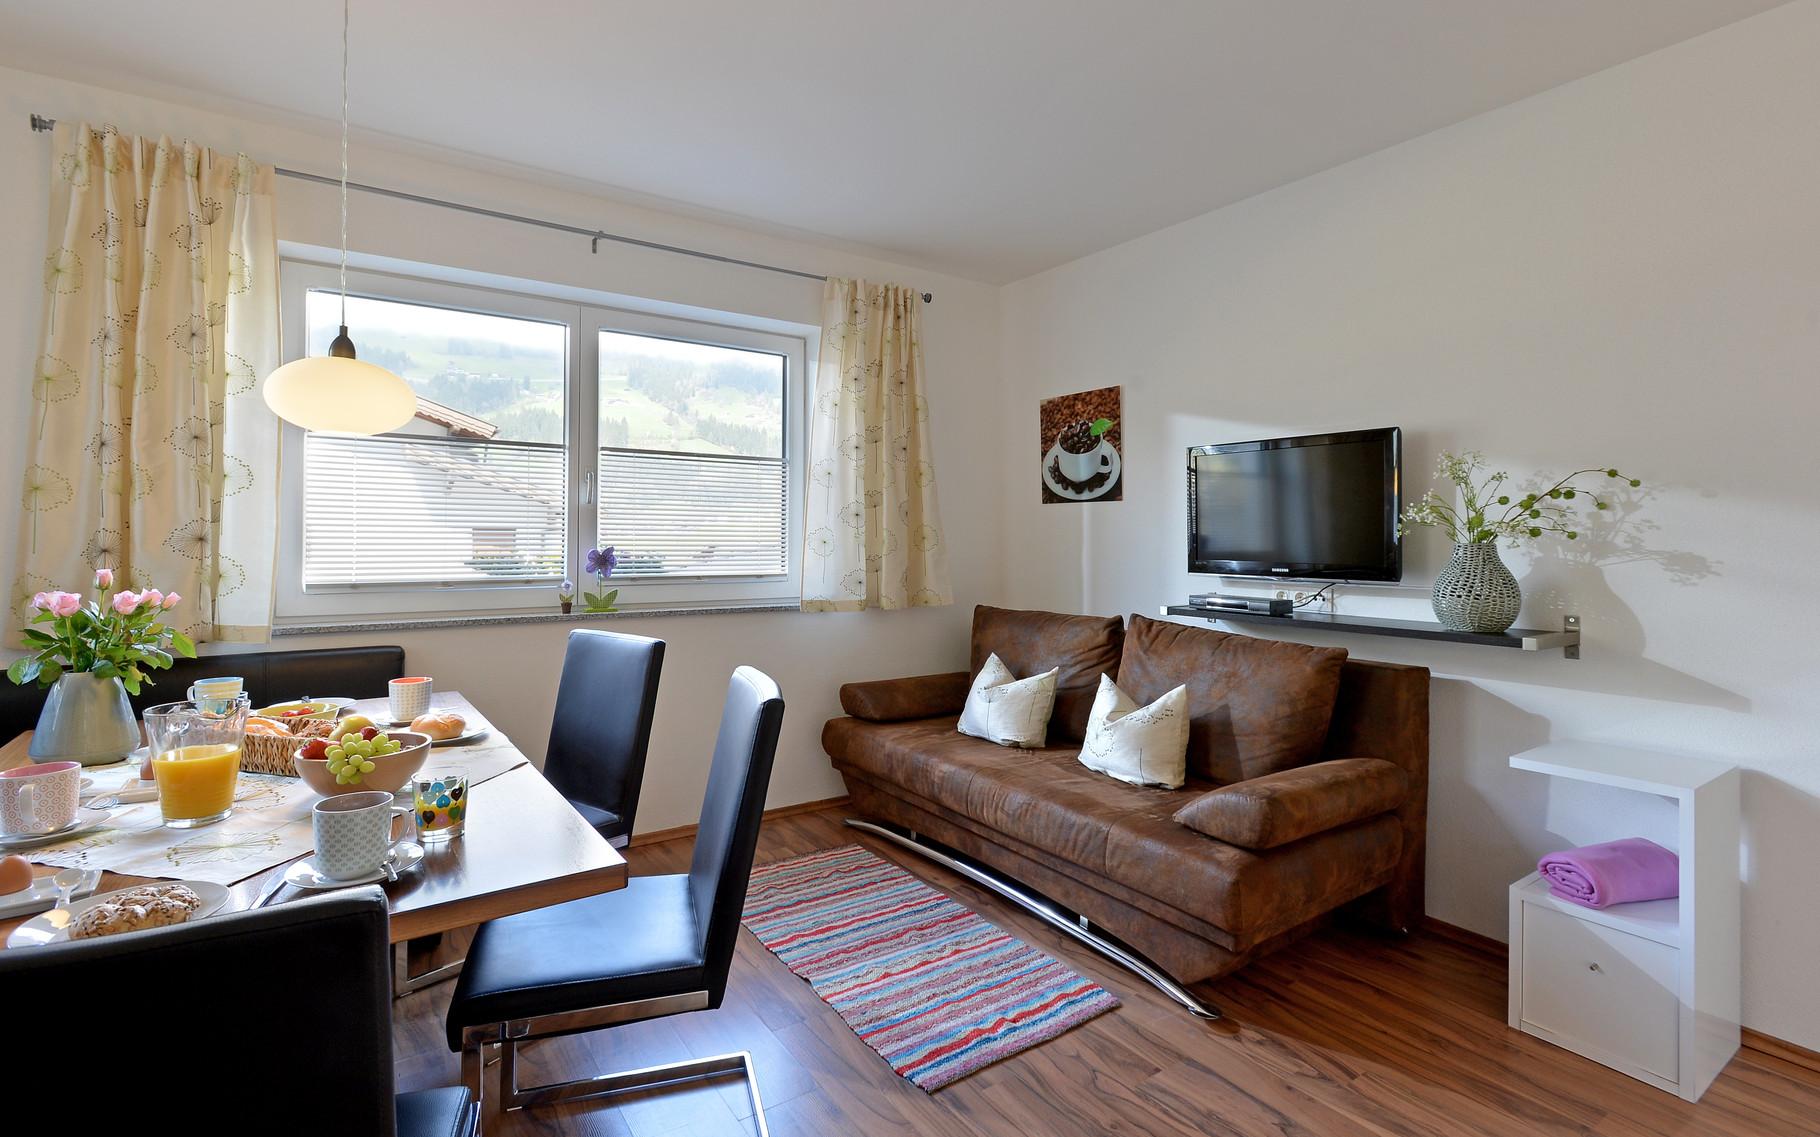 Wohnbereich samt ausziehbarer Schlacouch für 2 Personen Fewo Horberg - Apart Rauch